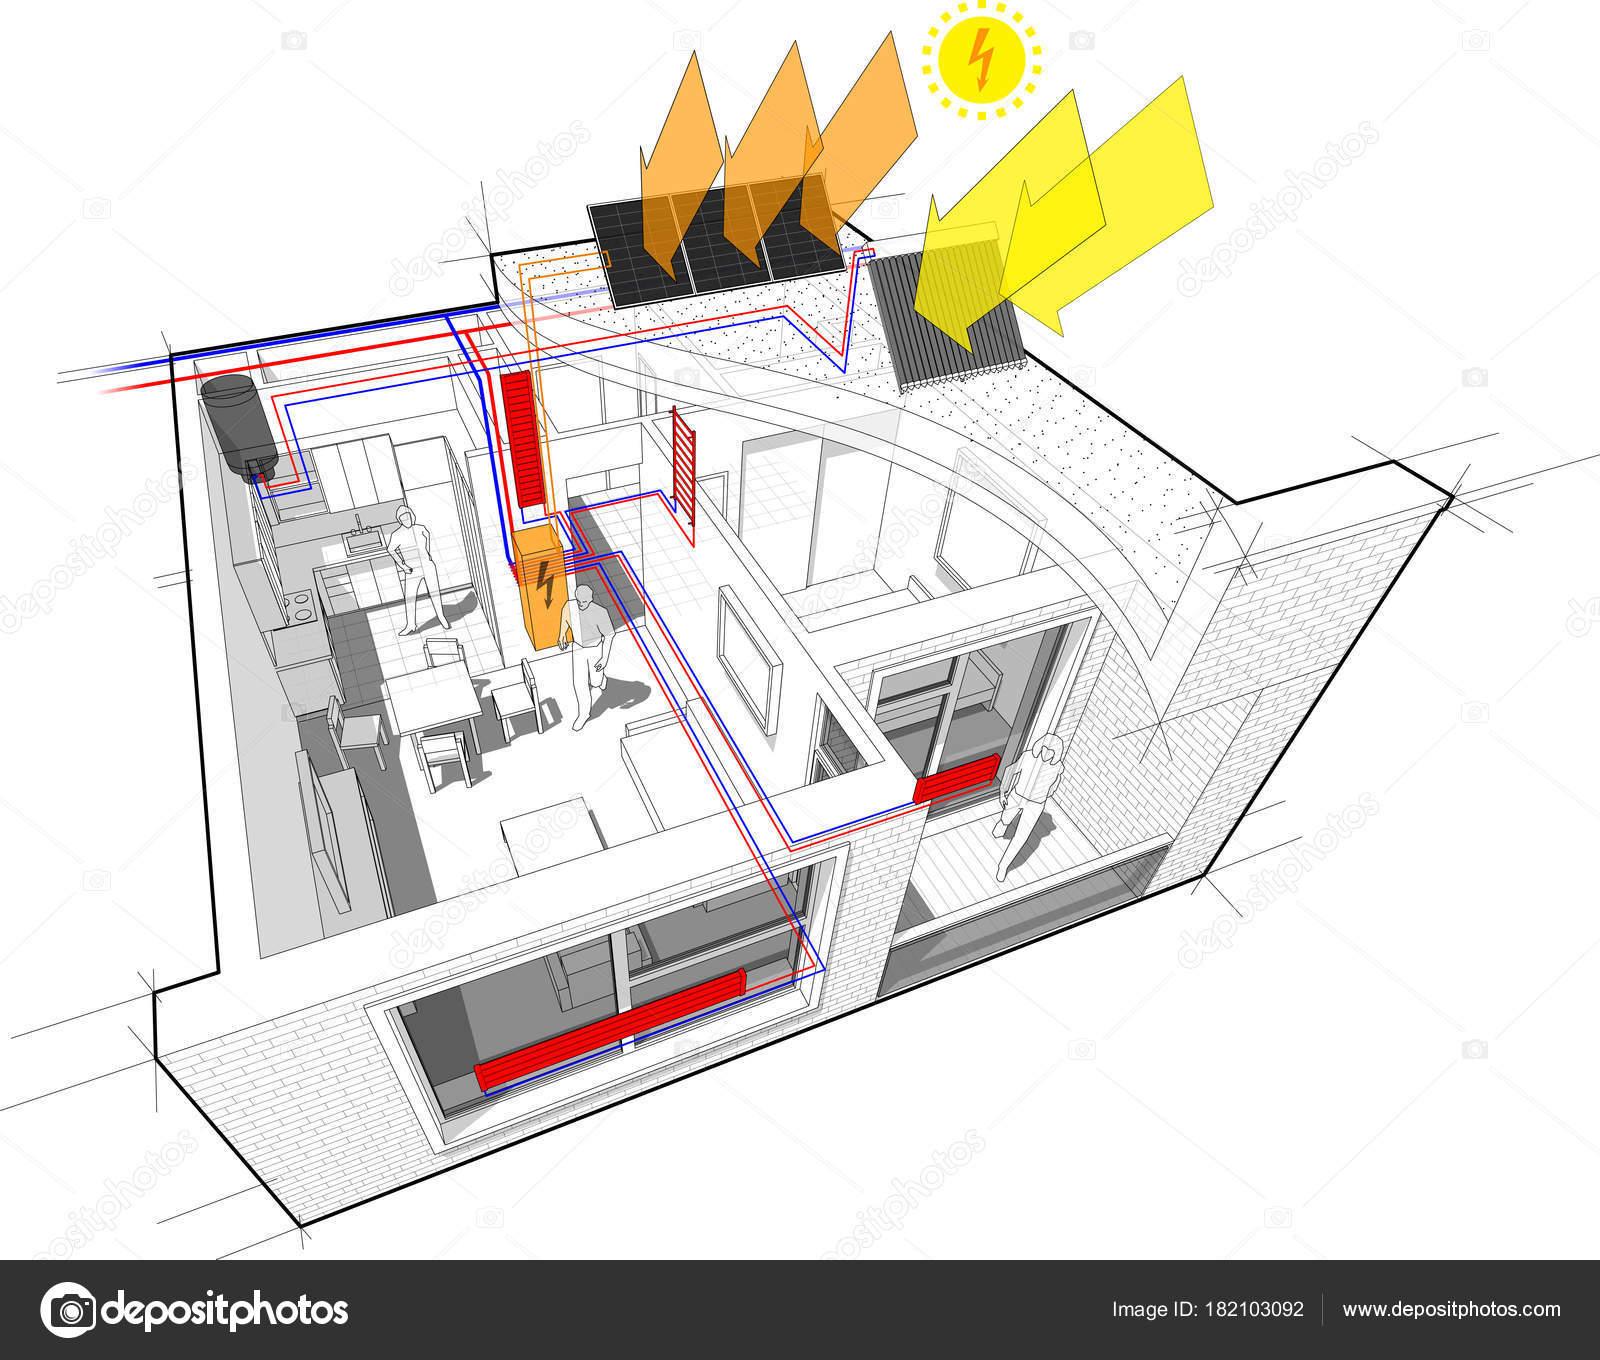 Radiatori Ad Acqua Calda.Diagramma Spaccato Prospettico Appartamento Completamente